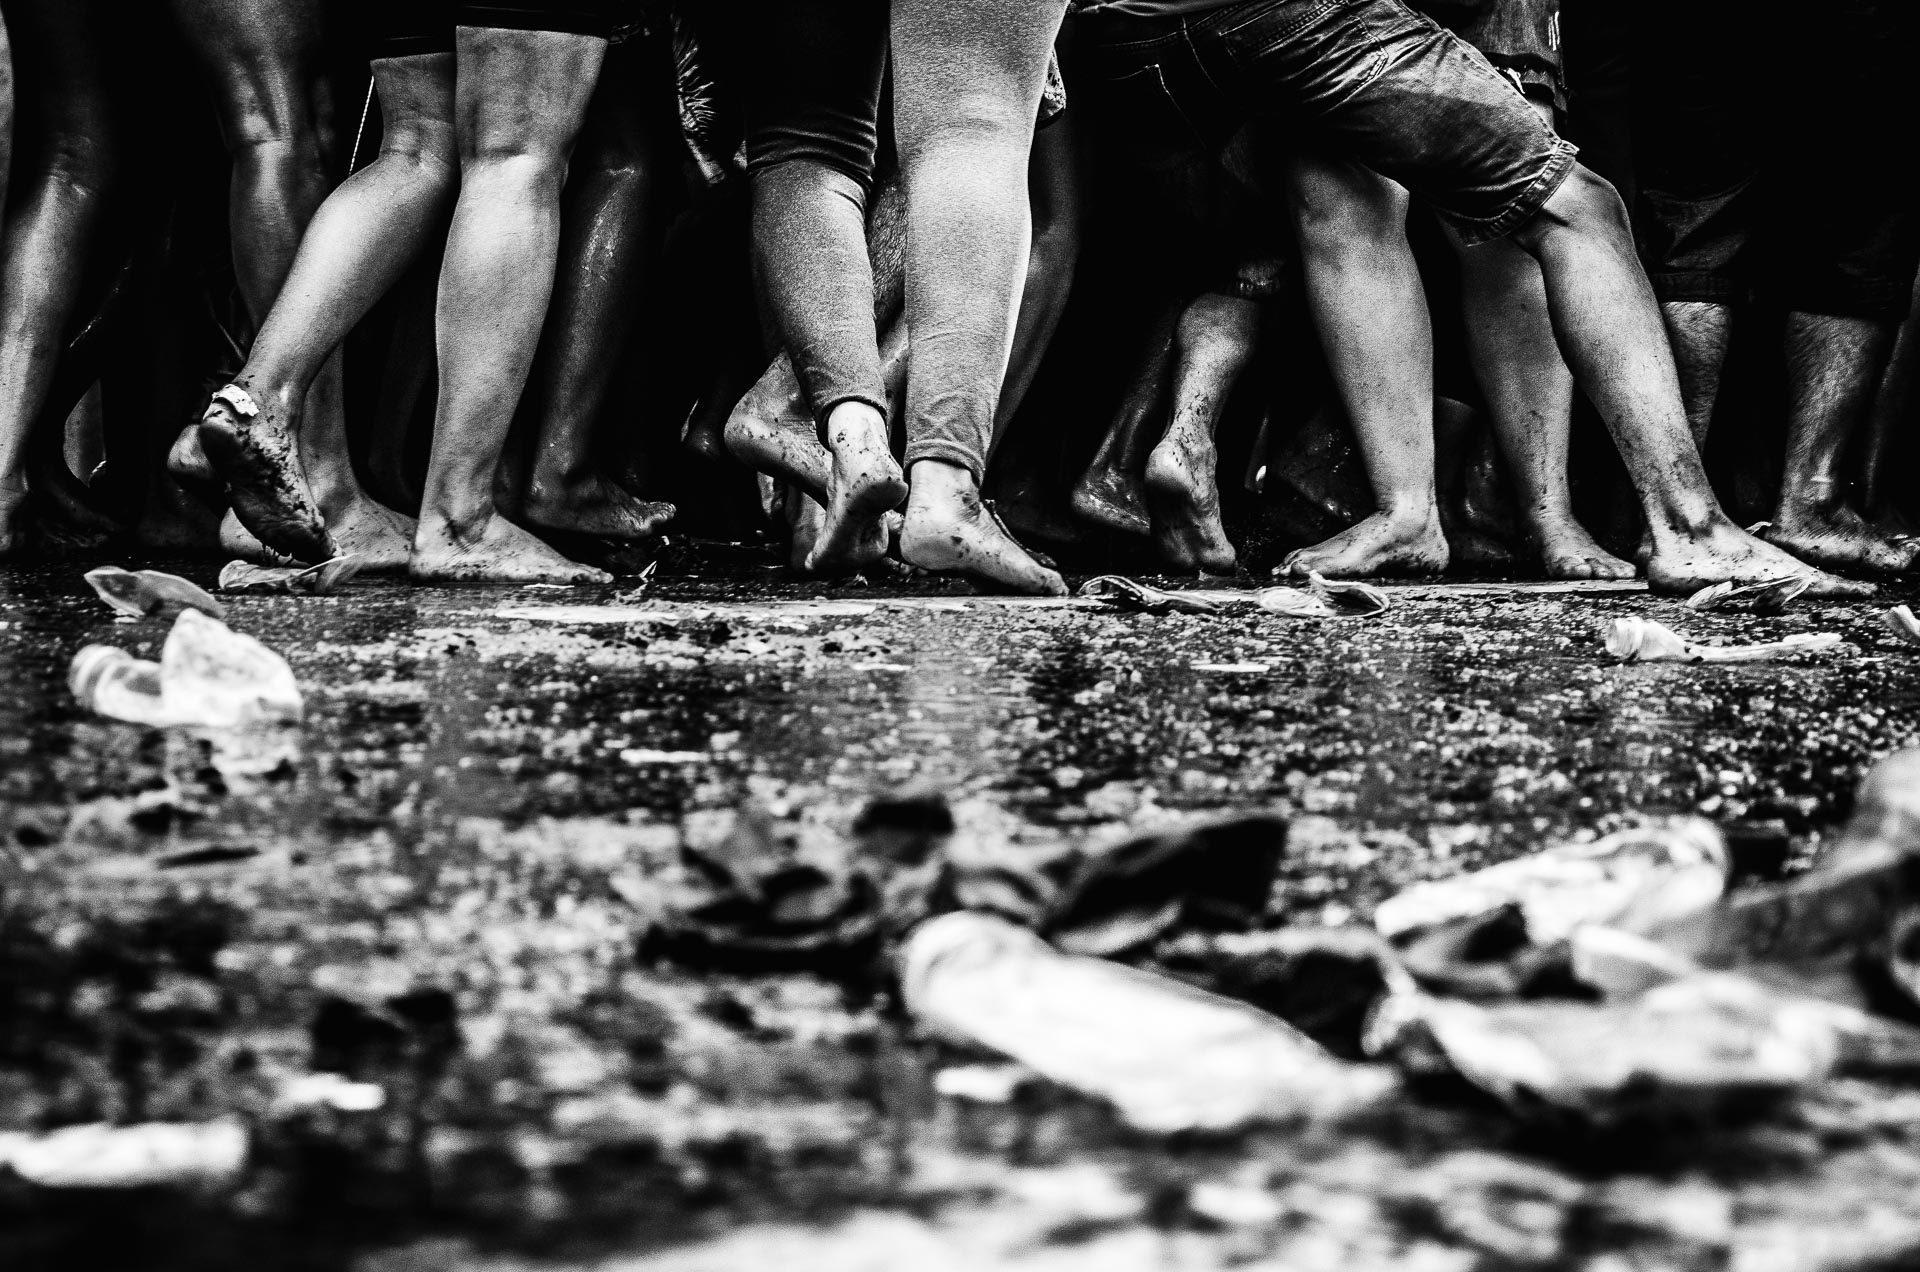 5 - Andar descalço nos passos da fé